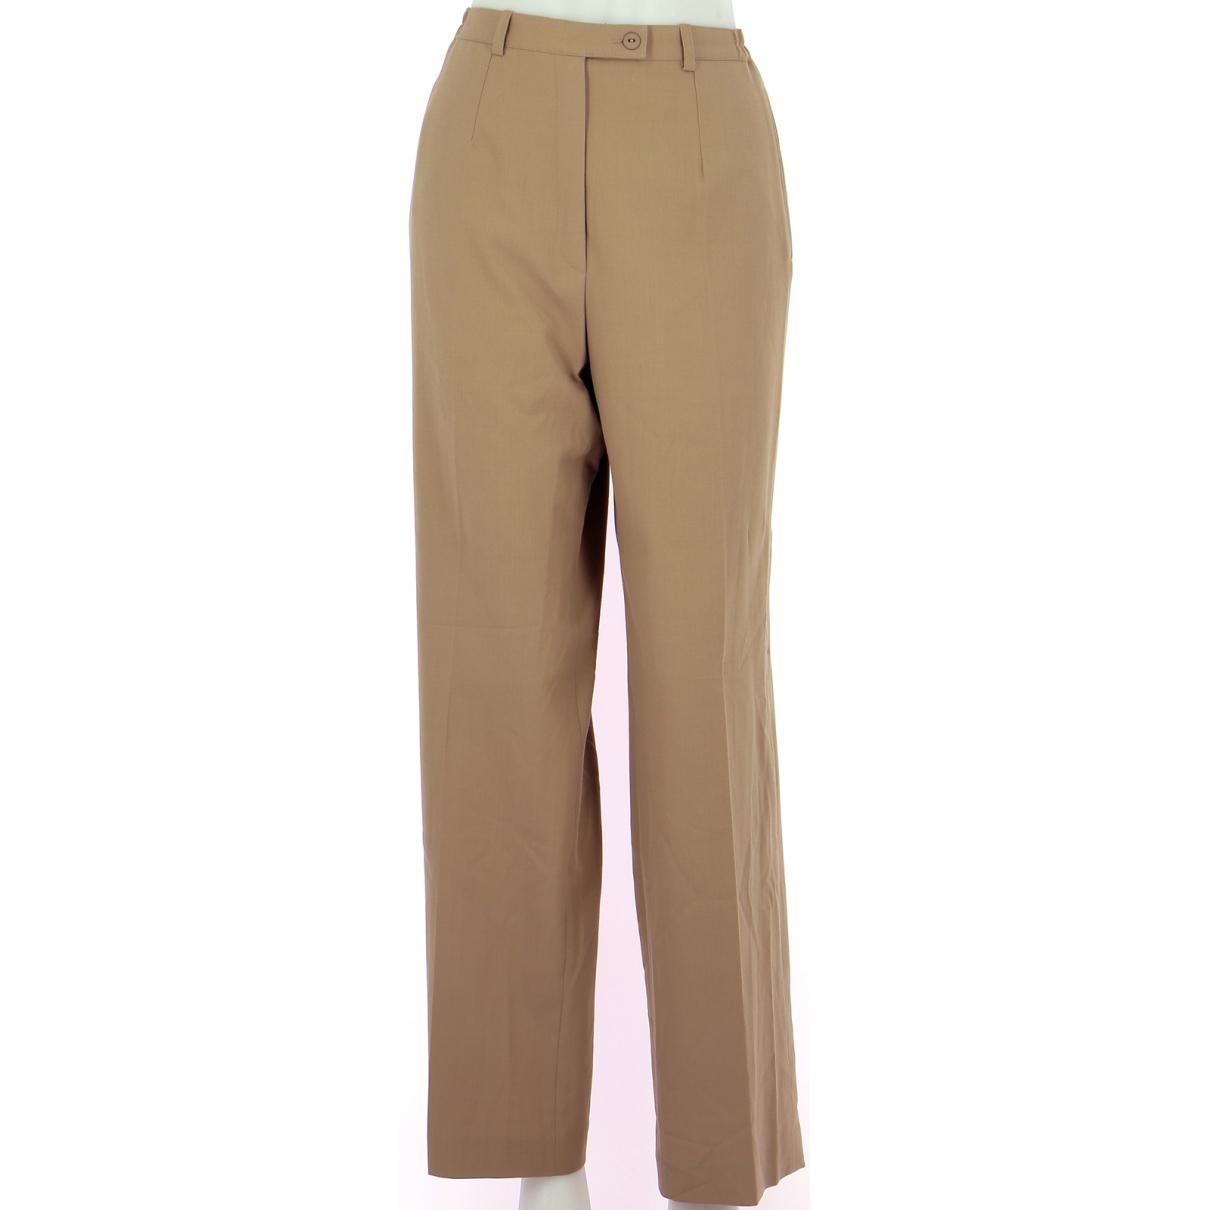 Pantalones en Poliester Beige Balenciaga